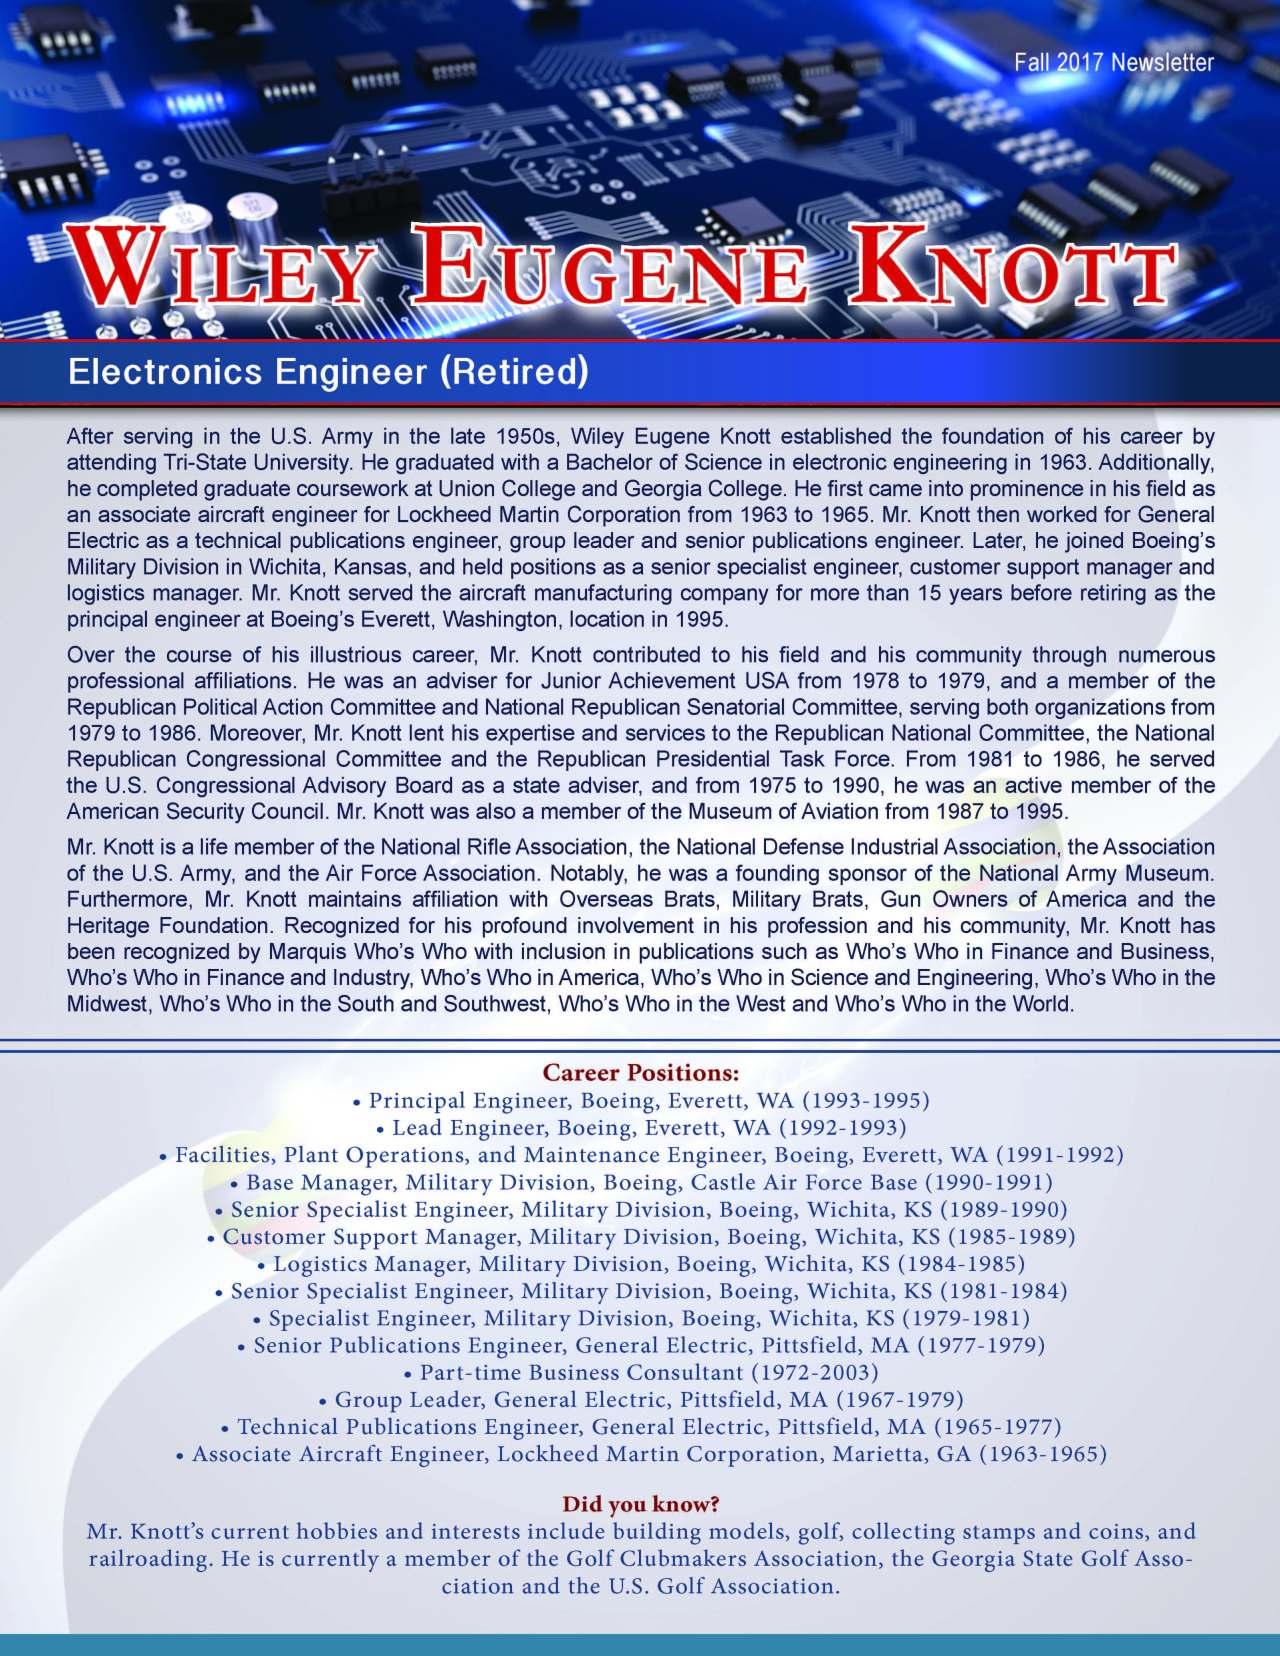 Knott, Wiley 3638256_92612 Newsletter.jpg